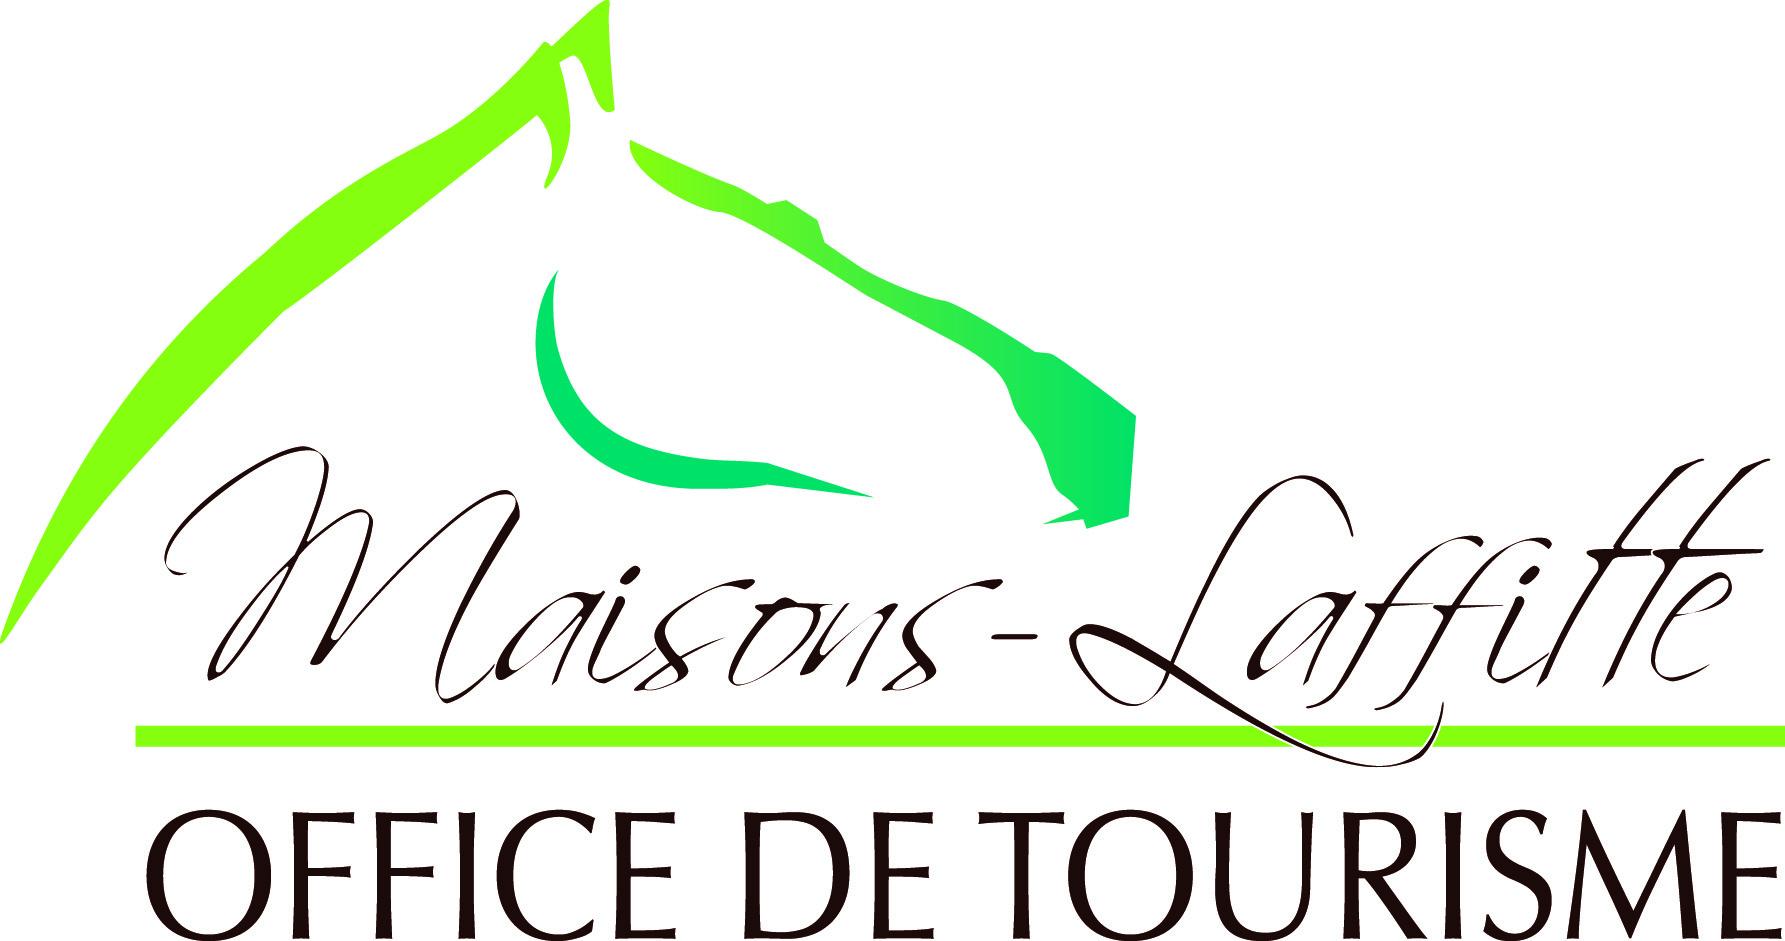 Office de tourisme de maisons laffitte - Office de tourisme de maisons laffitte ...